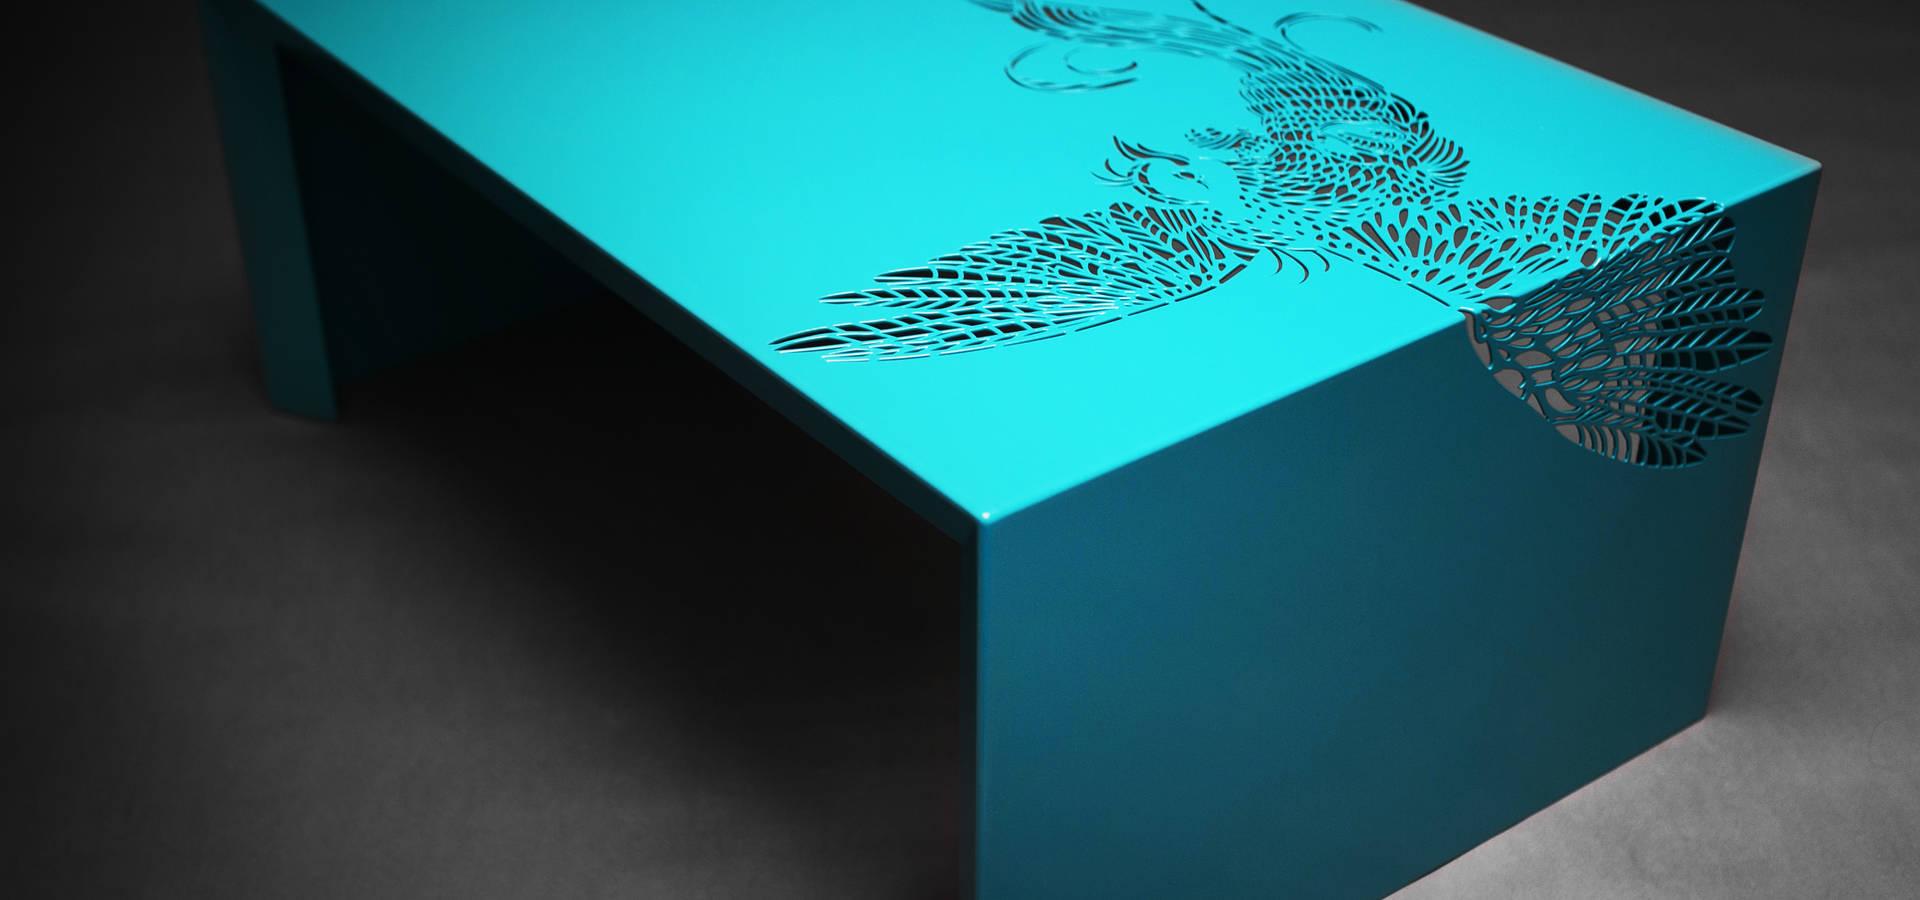 ontwerpstudio Roi de Bruijn